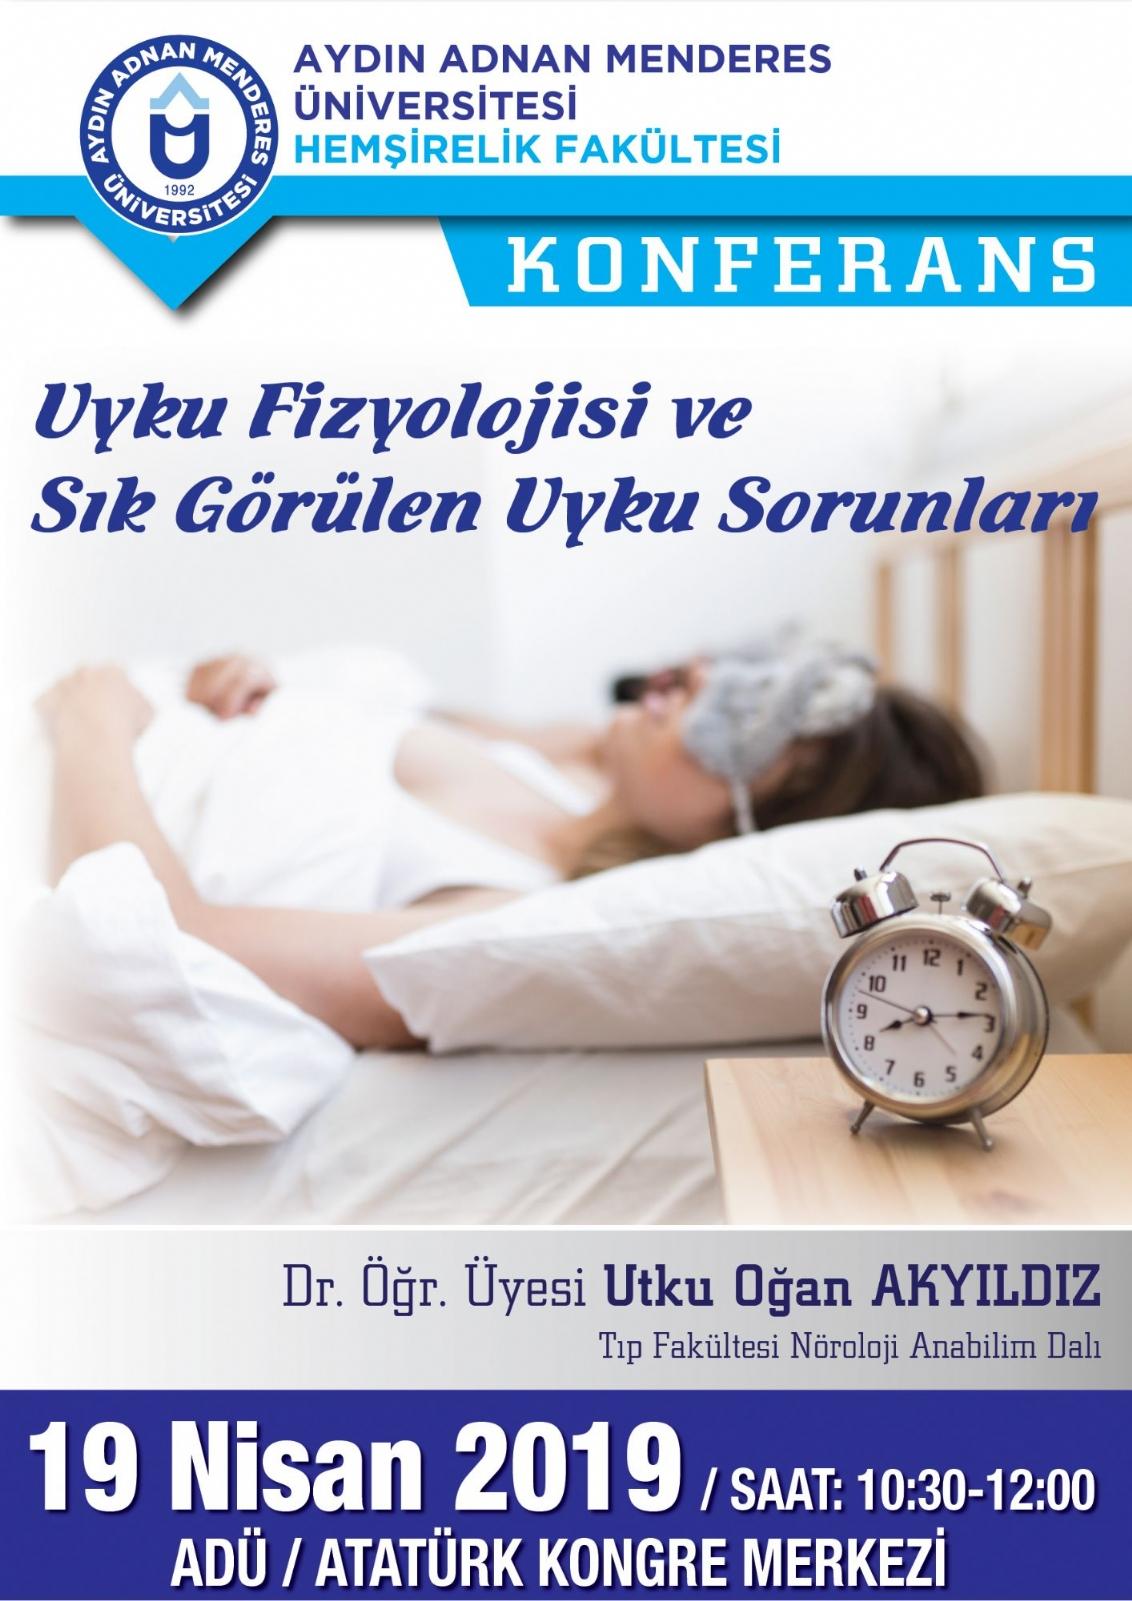 Uyku Fizyolojisi ve Sık Görülen Uyku Sorunları